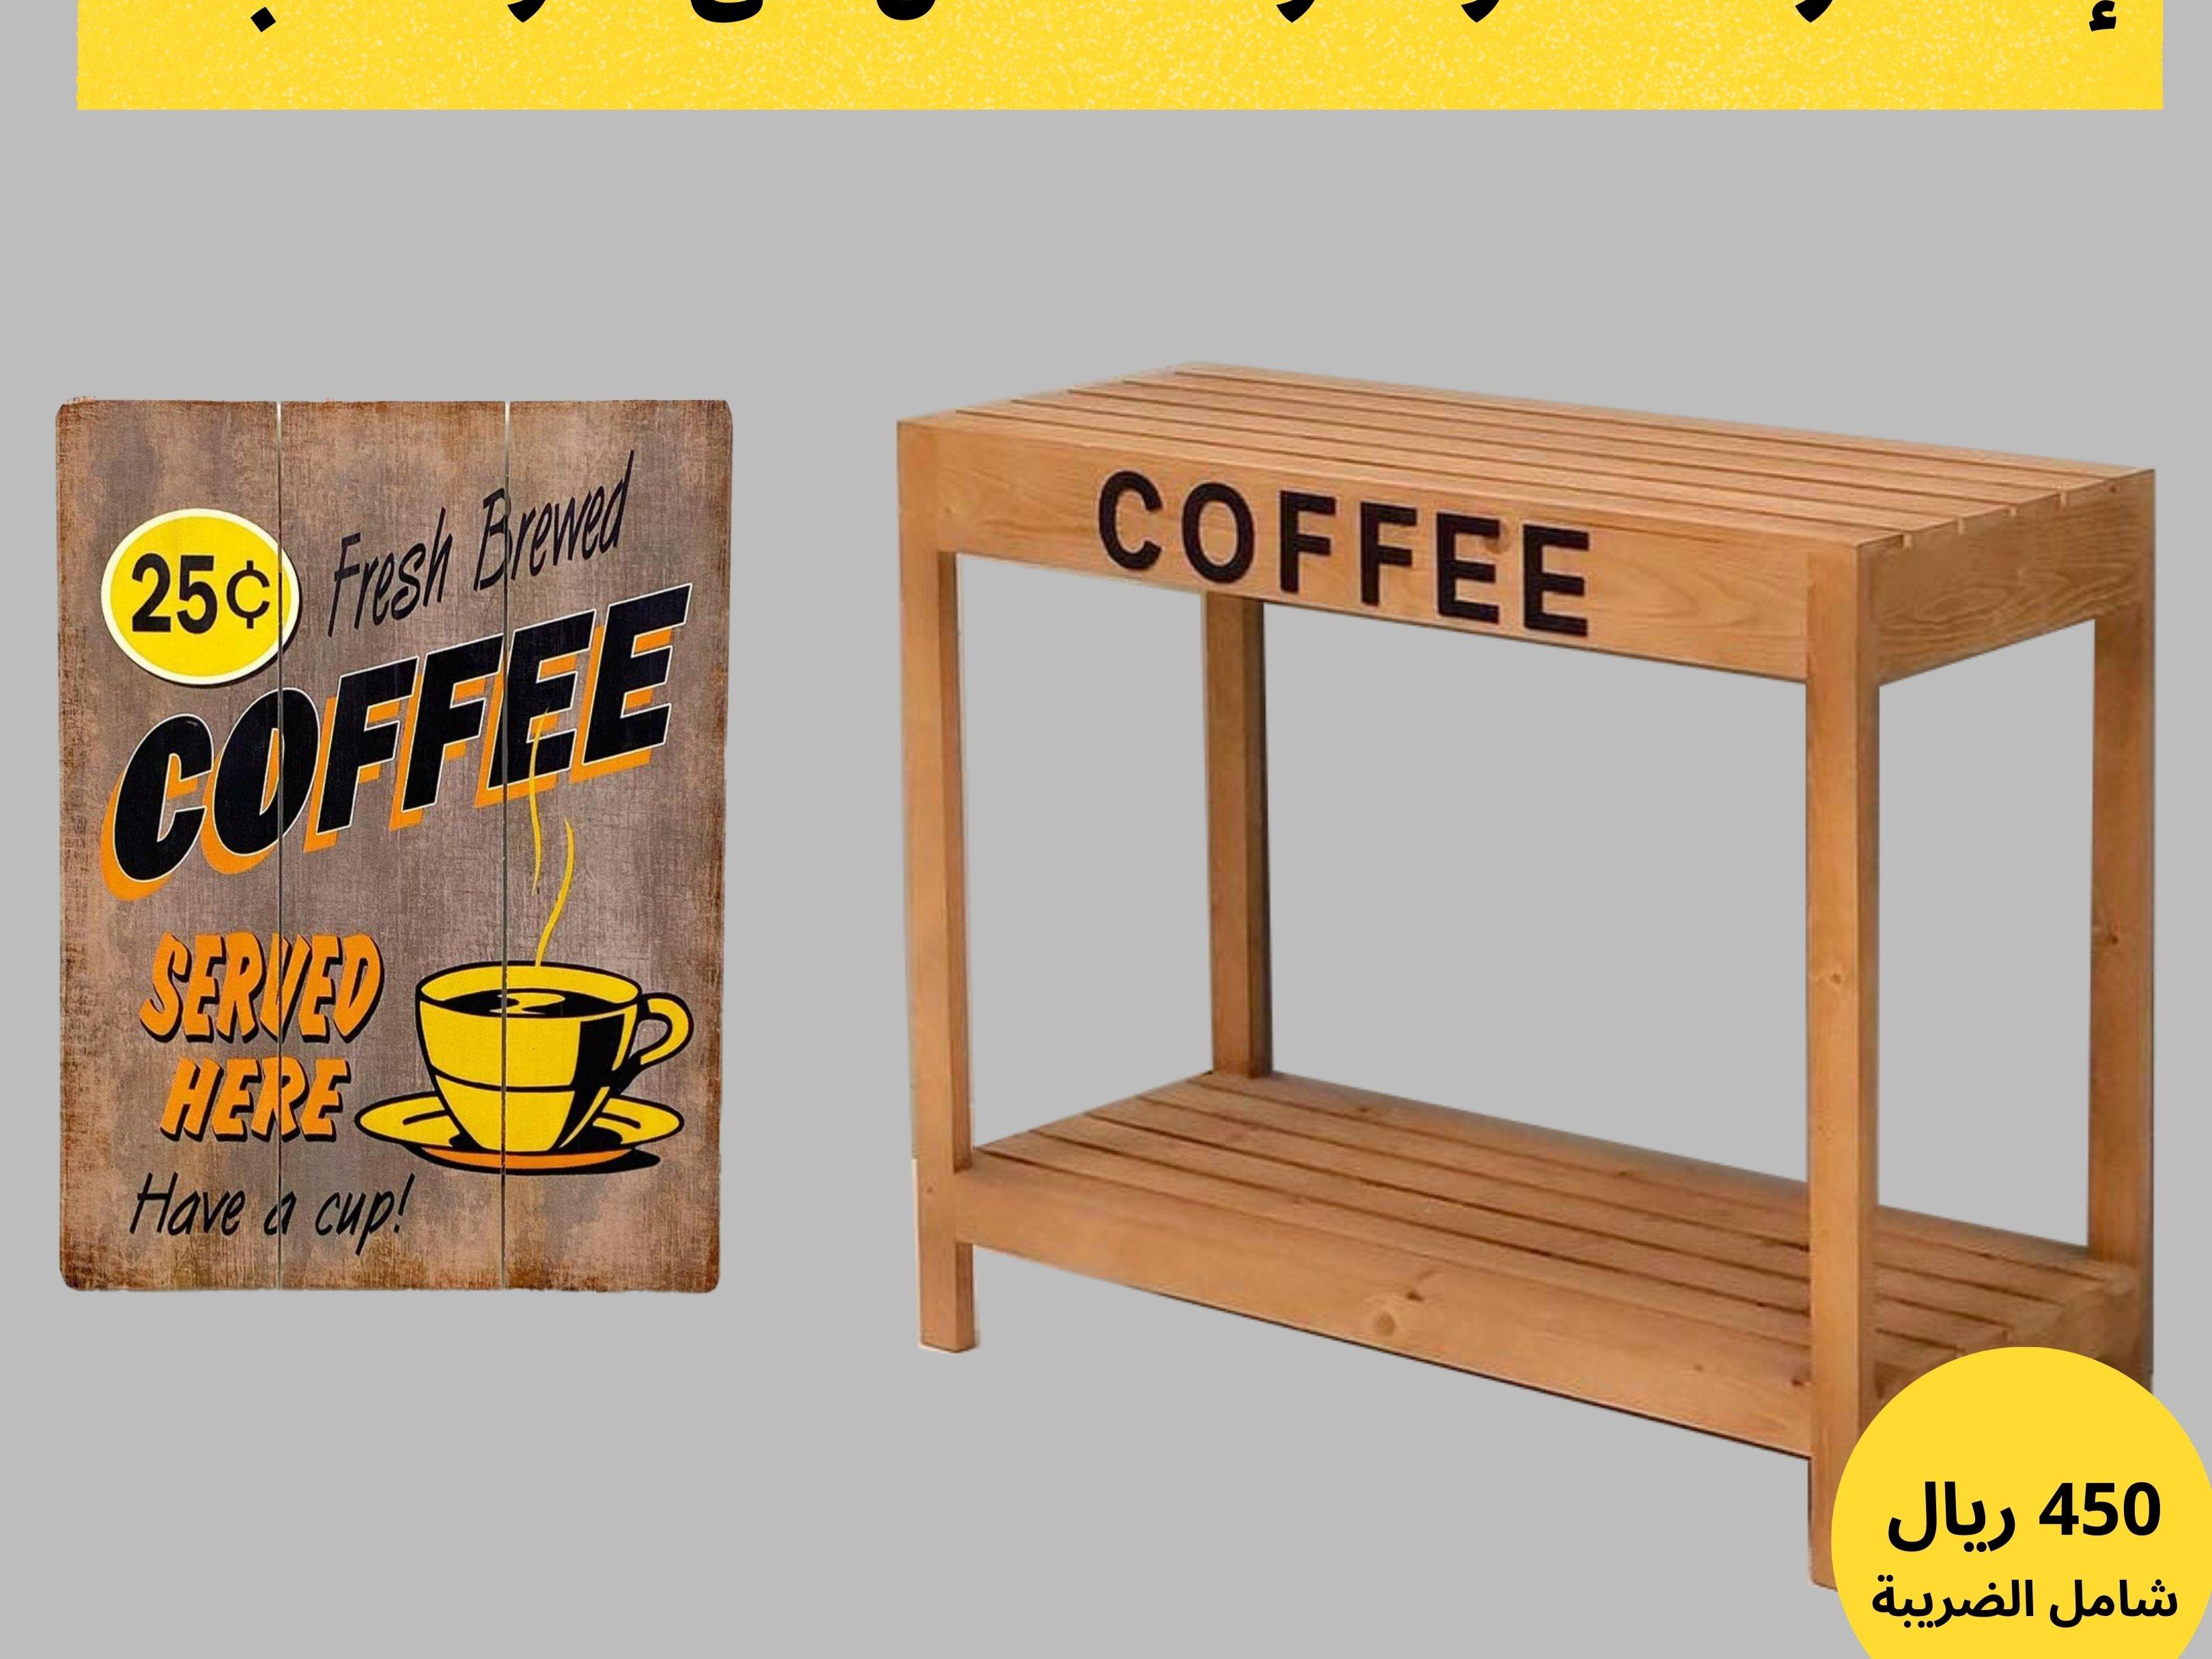 اشتر الطاولة واحصل على اللوحة مجاناً